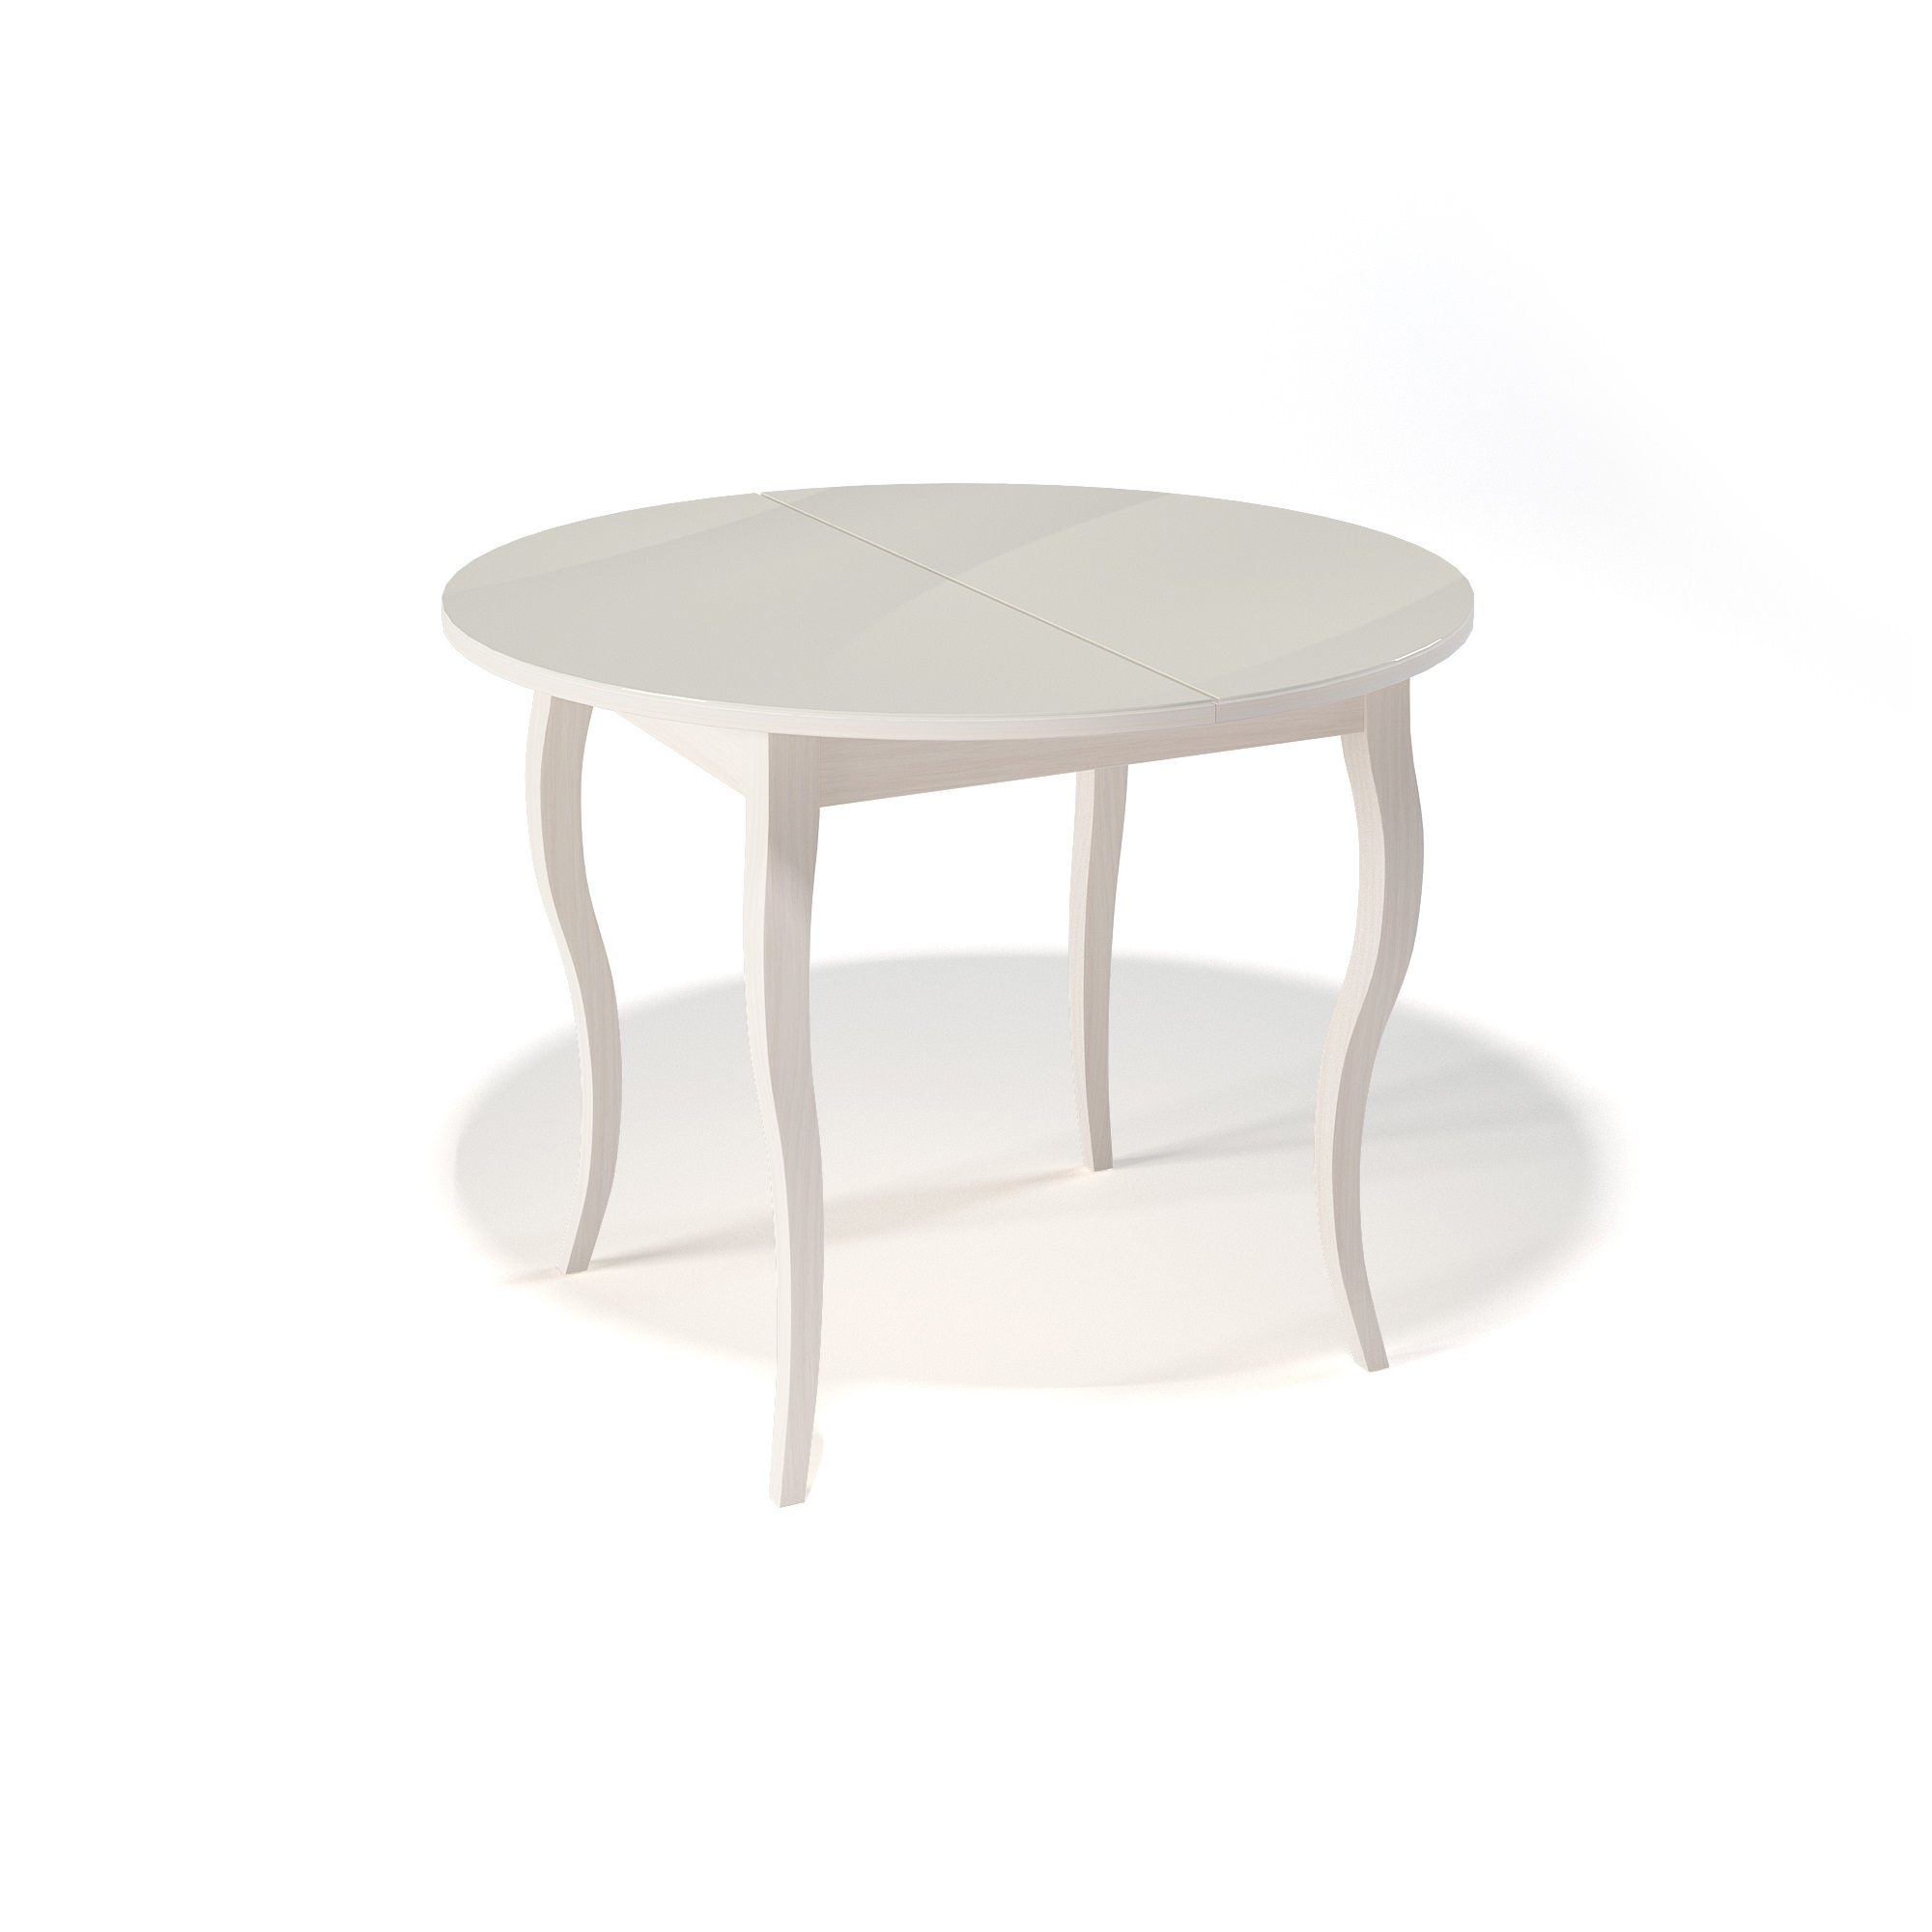 Стол обеденный KennerОбеденные столы<br>Ножки стола выполнены из массива бука, столешница - ДСП+стекло 4мм.&amp;amp;nbsp;&amp;lt;div&amp;gt;Механизм раскладки: синхронный, легкого скольжения.&amp;amp;nbsp;&amp;lt;/div&amp;gt;&amp;lt;div&amp;gt;На ножках установлены регулировочные винты.&amp;amp;nbsp;&amp;lt;/div&amp;gt;&amp;lt;div&amp;gt;Фурнитура в комплекте.&amp;amp;nbsp;&amp;lt;/div&amp;gt;&amp;lt;div&amp;gt;Стол раскладной,вставка &amp;quot;бабочка&amp;quot; со стеклом.&amp;amp;nbsp;&amp;lt;/div&amp;gt;&amp;lt;div&amp;gt;Размер столешницы в разложенном виде: 130х100 см. &amp;lt;/div&amp;gt;<br><br>Material: Дерево<br>Width см: None<br>Depth см: None<br>Height см: 75<br>Diameter см: 100